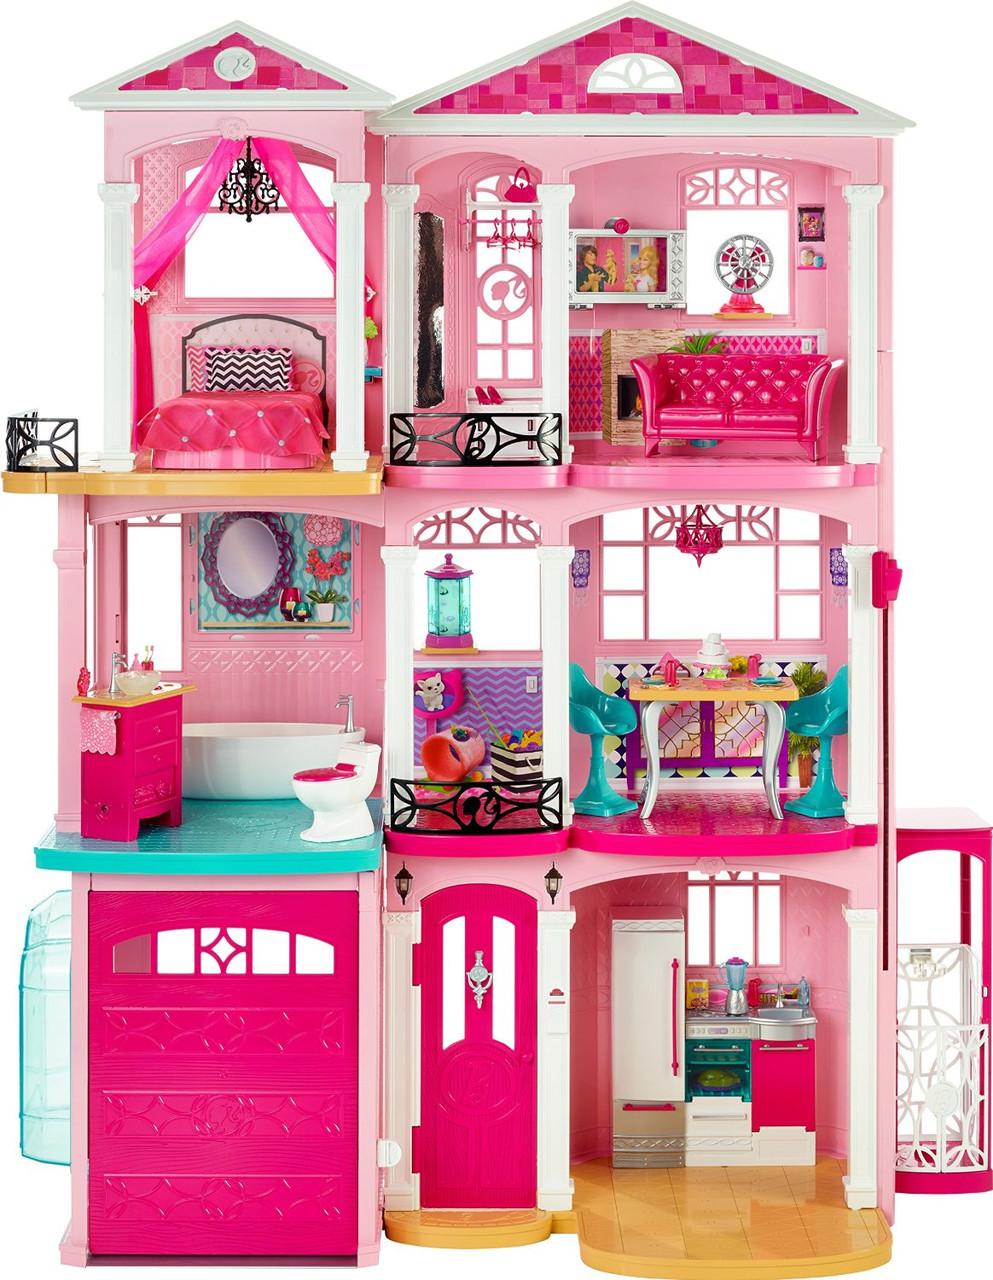 Дом мечты Барби Малибу CJR47 купить от интернет-магазина ...